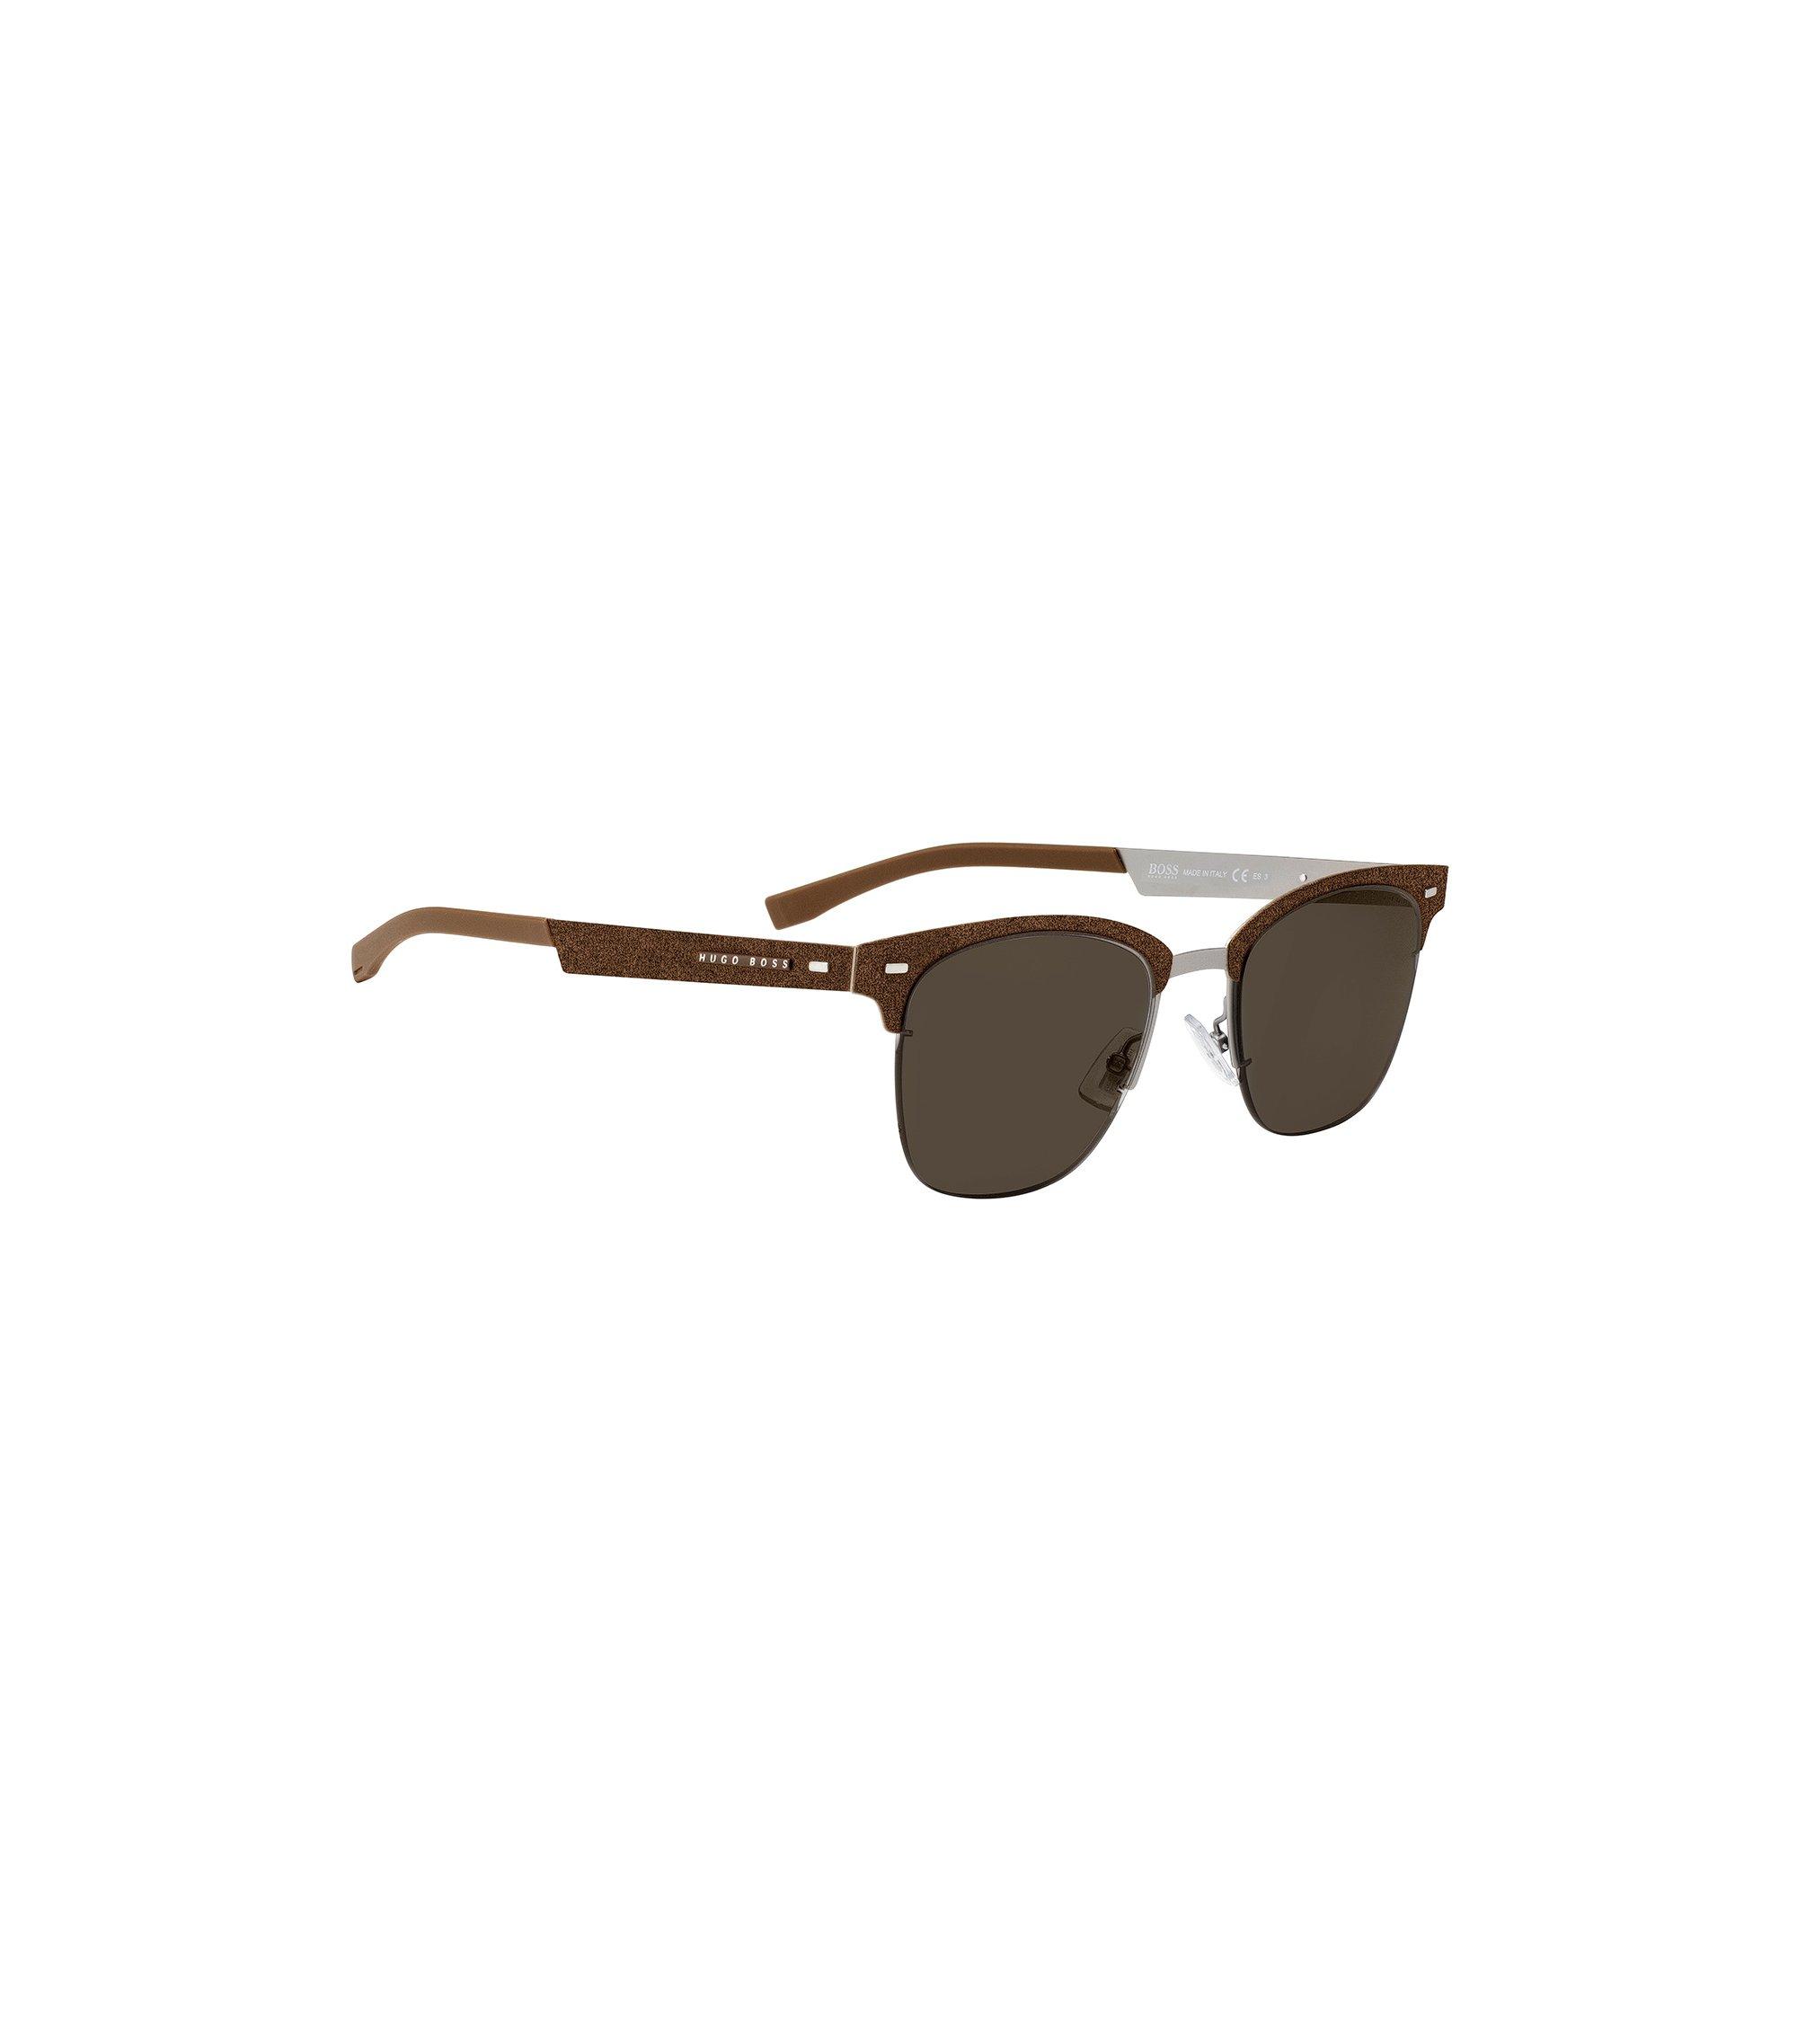 Sonnenbrille aus leichtem Metall mit Alcantara-Details, Braun